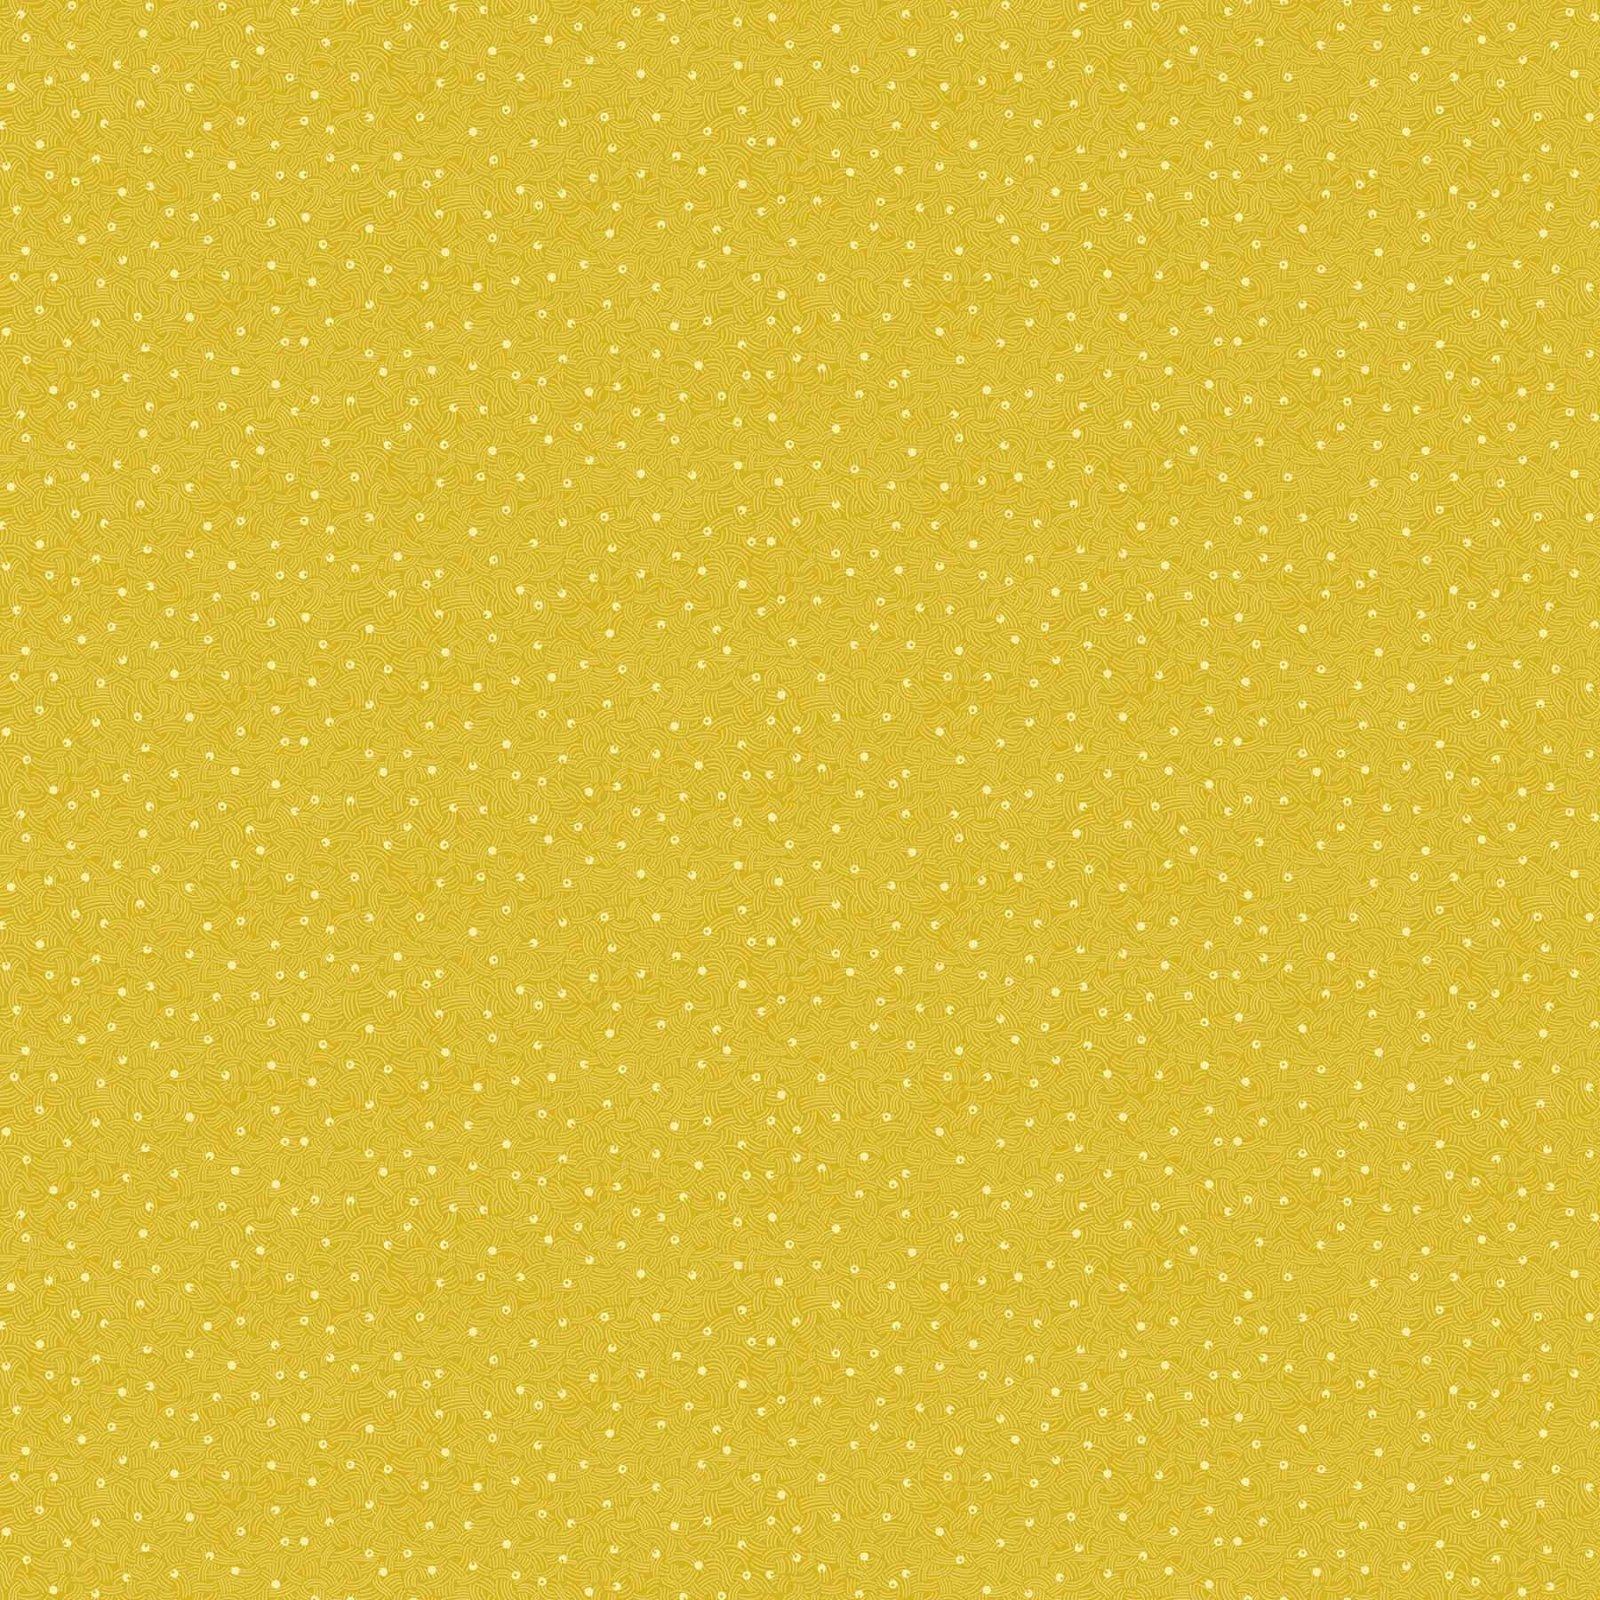 Figo Elements - Scratch Mustard